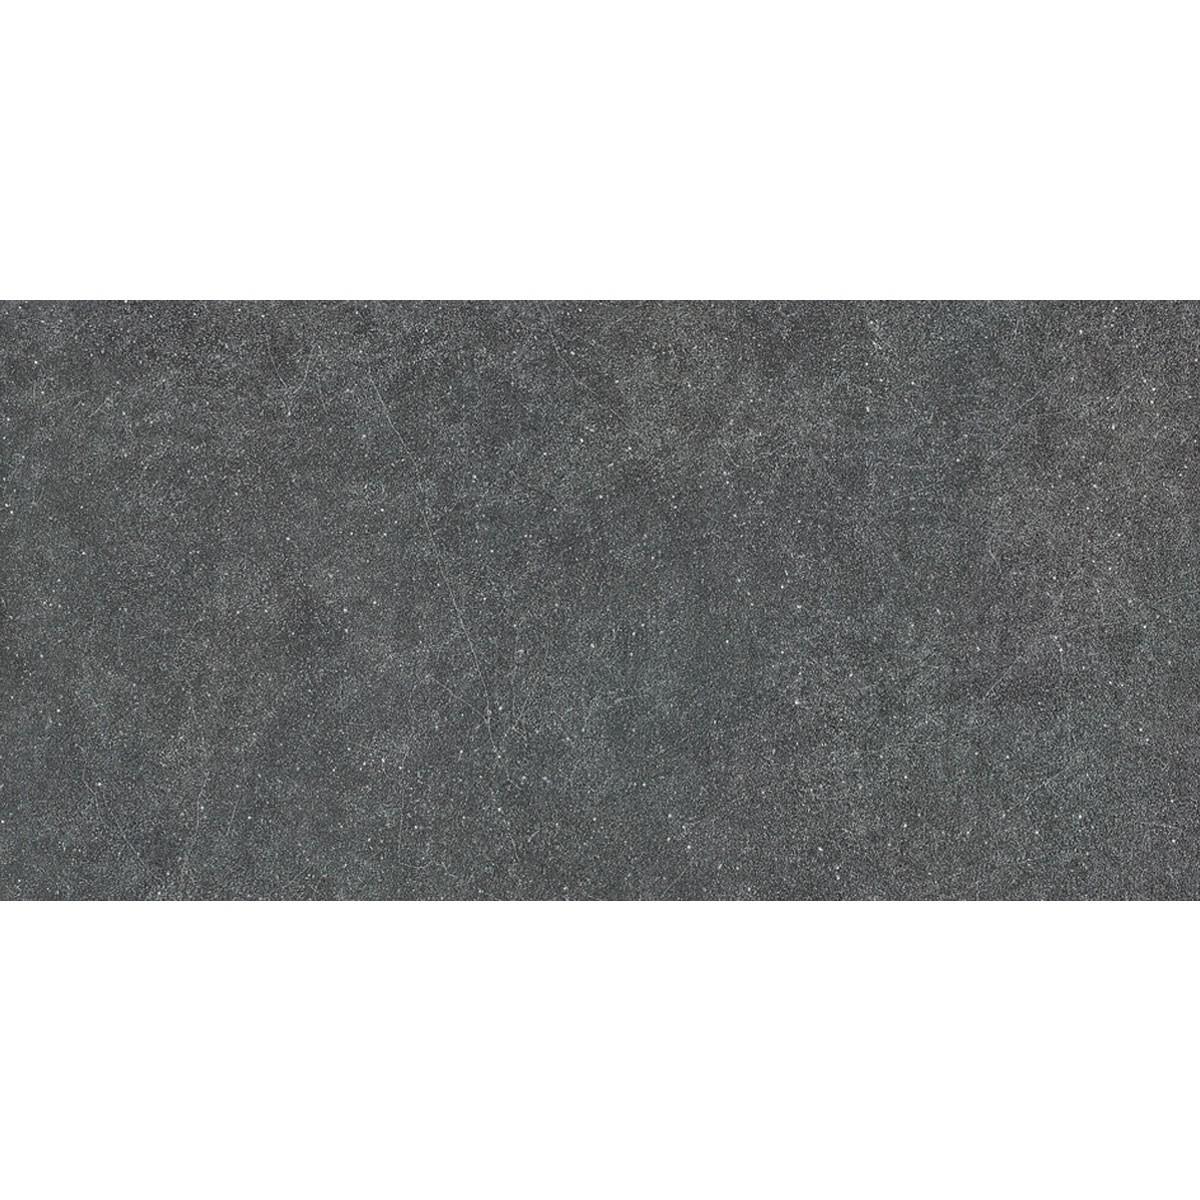 24 x 12 po Carreau de Sol Noir - 8 Pcs/Boîte (15.50 sq.ft/Boîte) (BS60E)